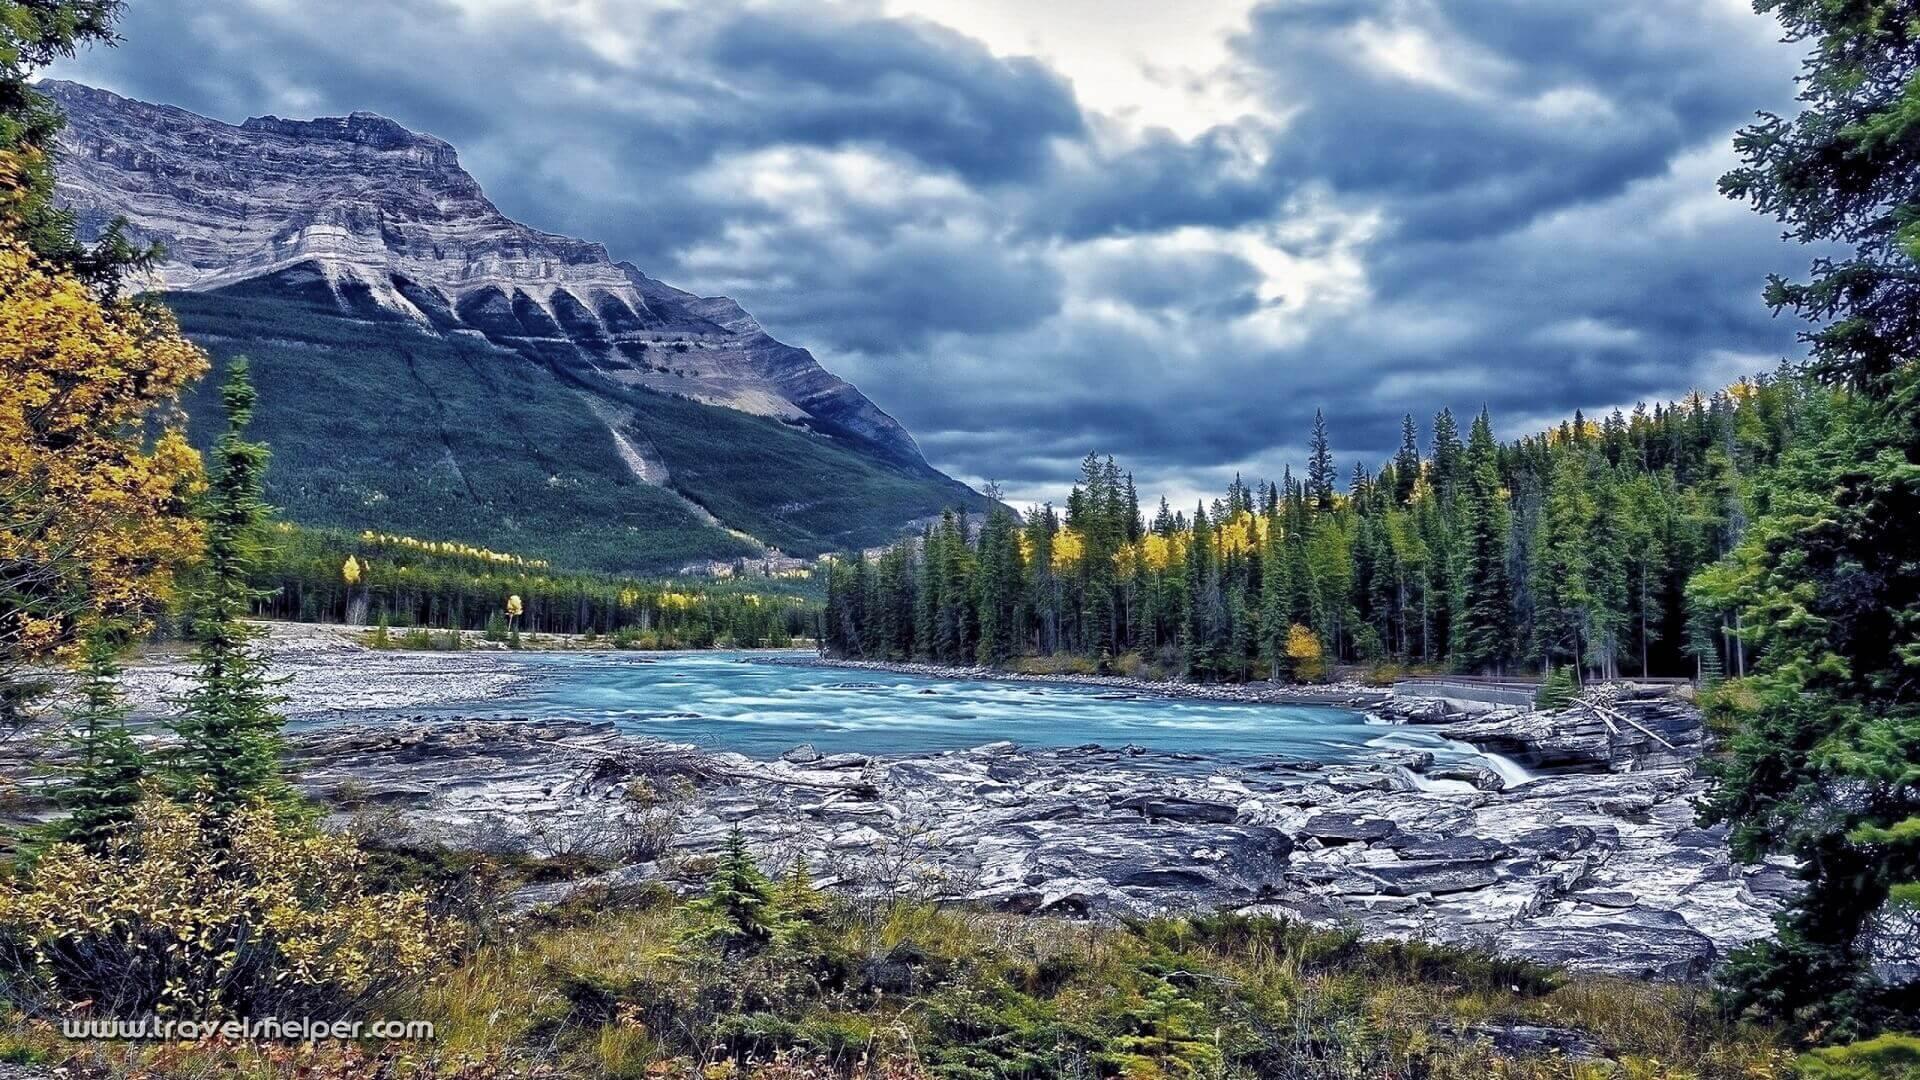 Athabasca Glacier in Canada